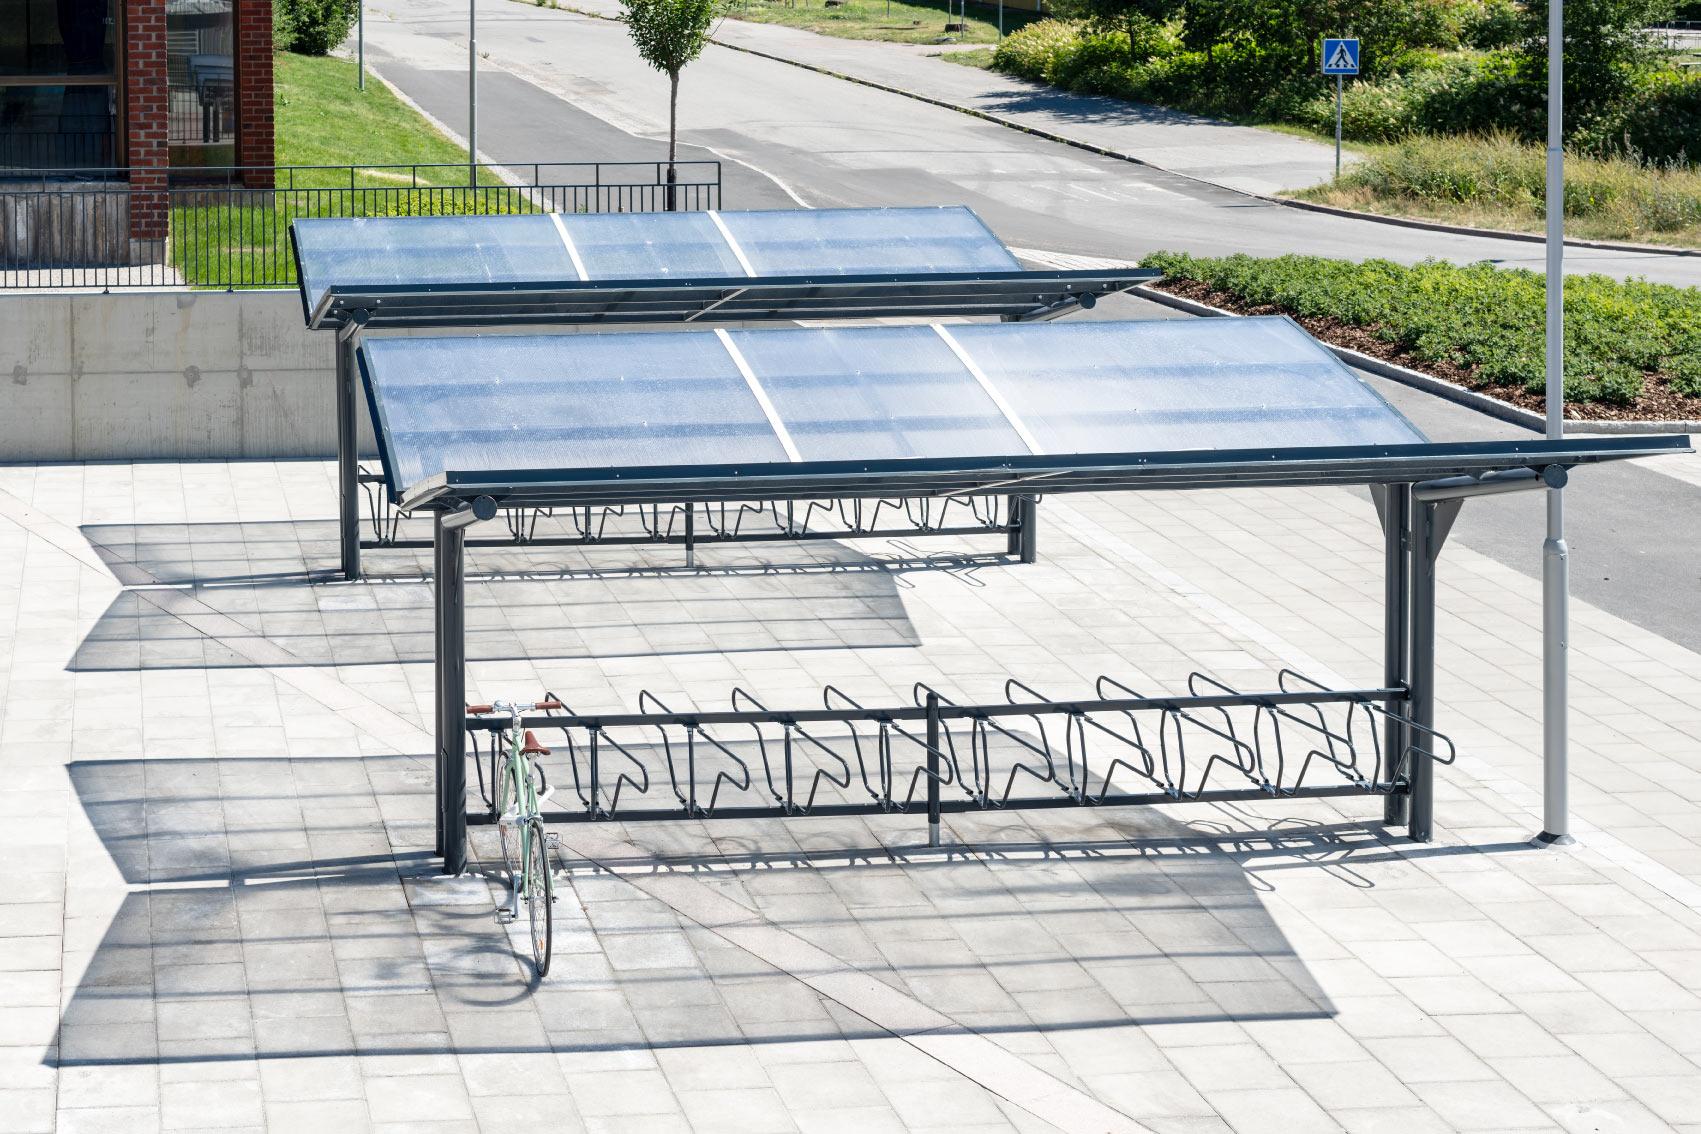 YPSILON Pyöräkatos sekä DELTA runkolukitus teline, muotoilu ja käytettävyys keskikössä, telineessä vihreä polkypyörä kiinnitetty runkolukolla